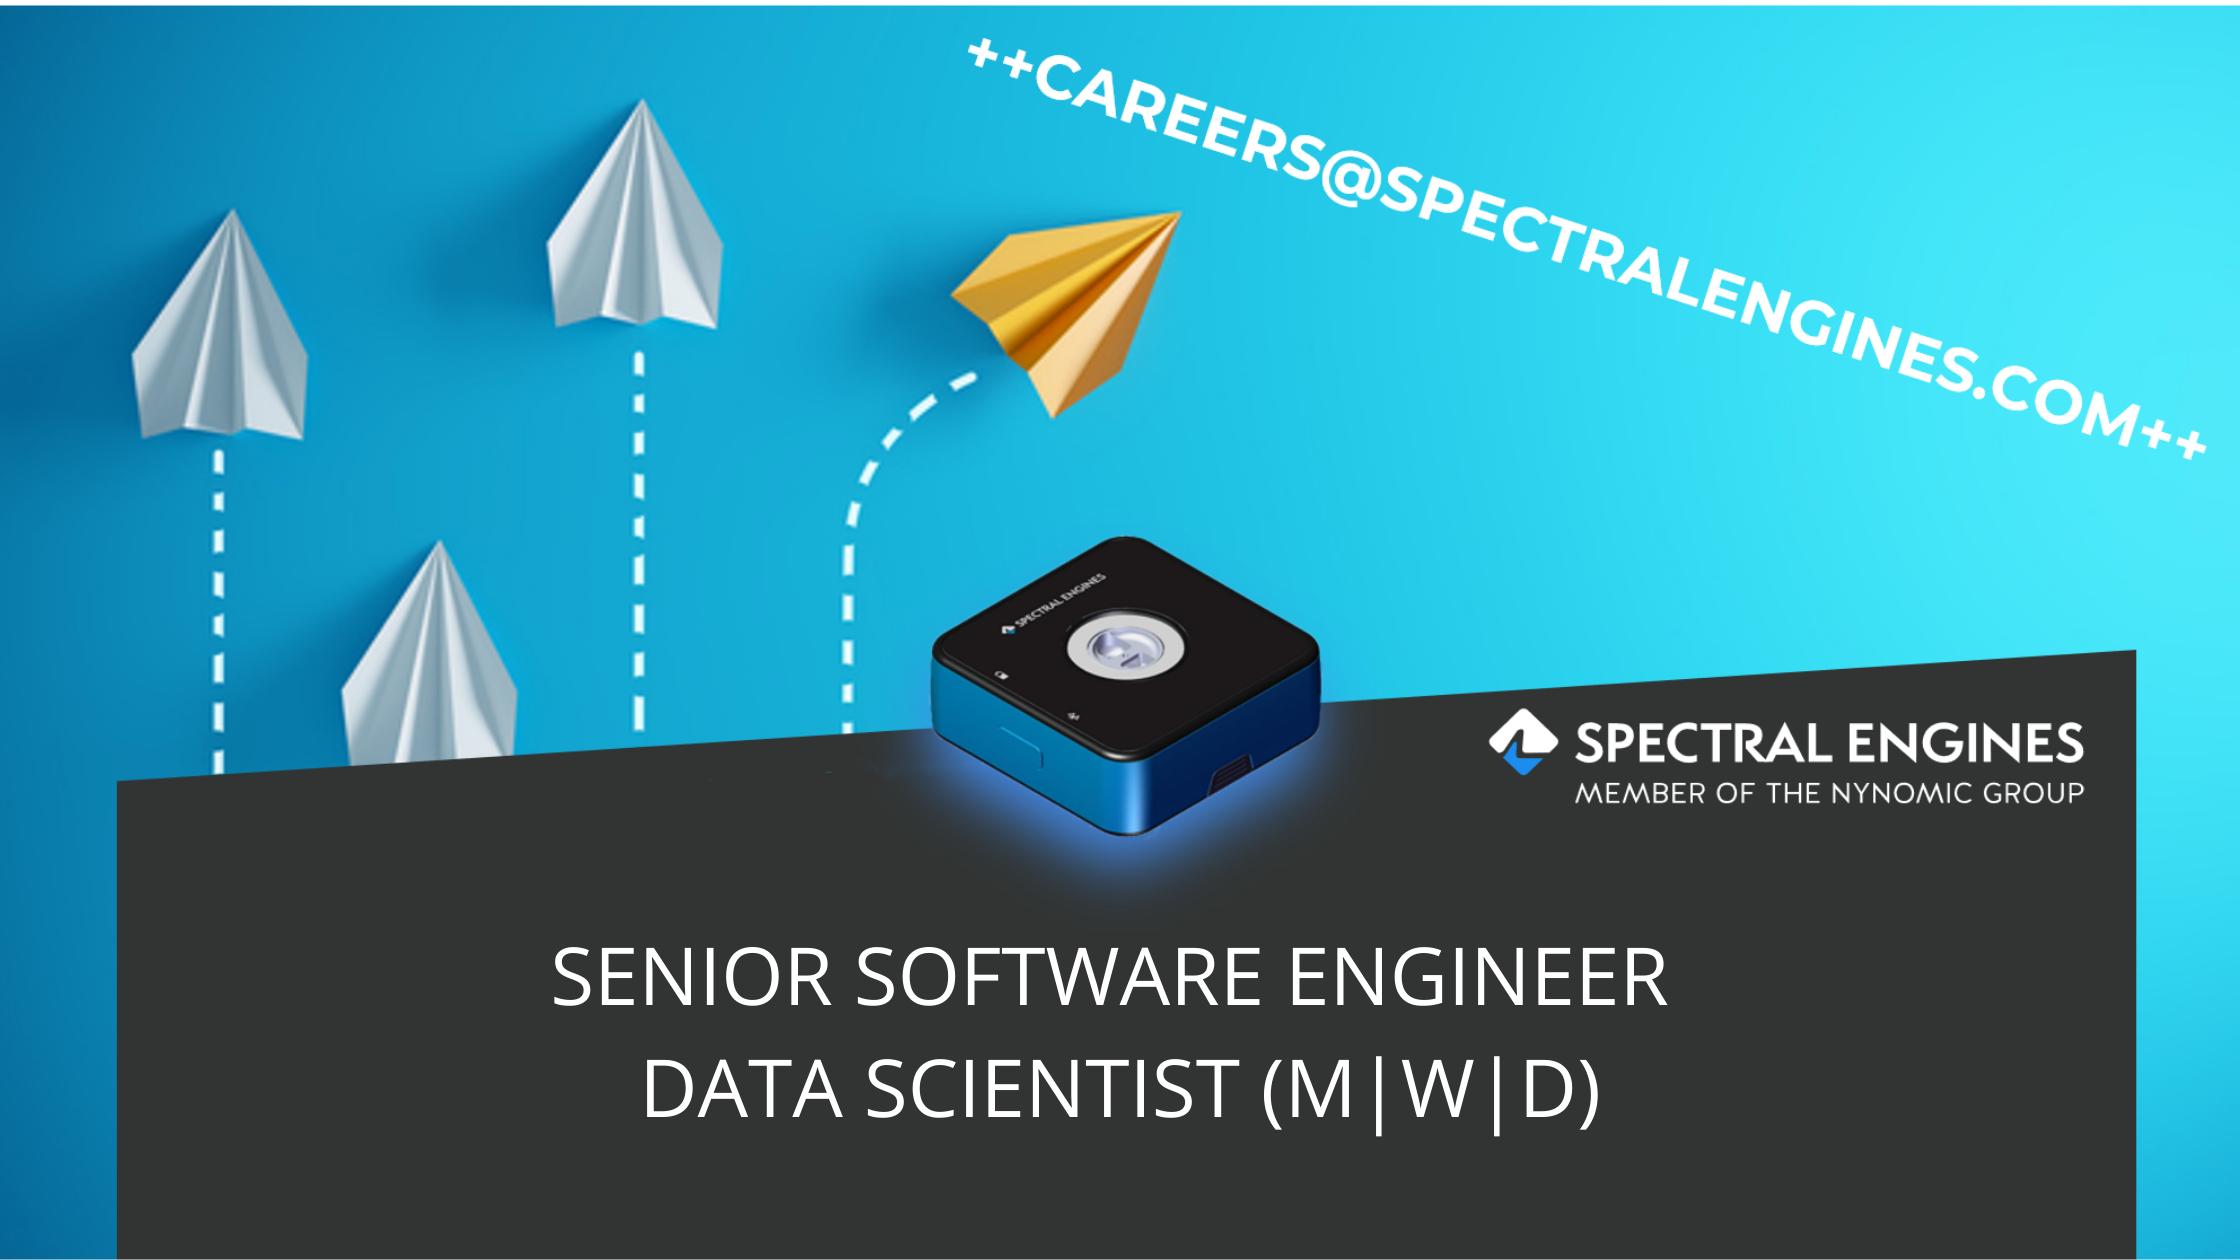 SENIOR SOFTWARE ENGINEER DATA SCIENTIST (M|W|D)